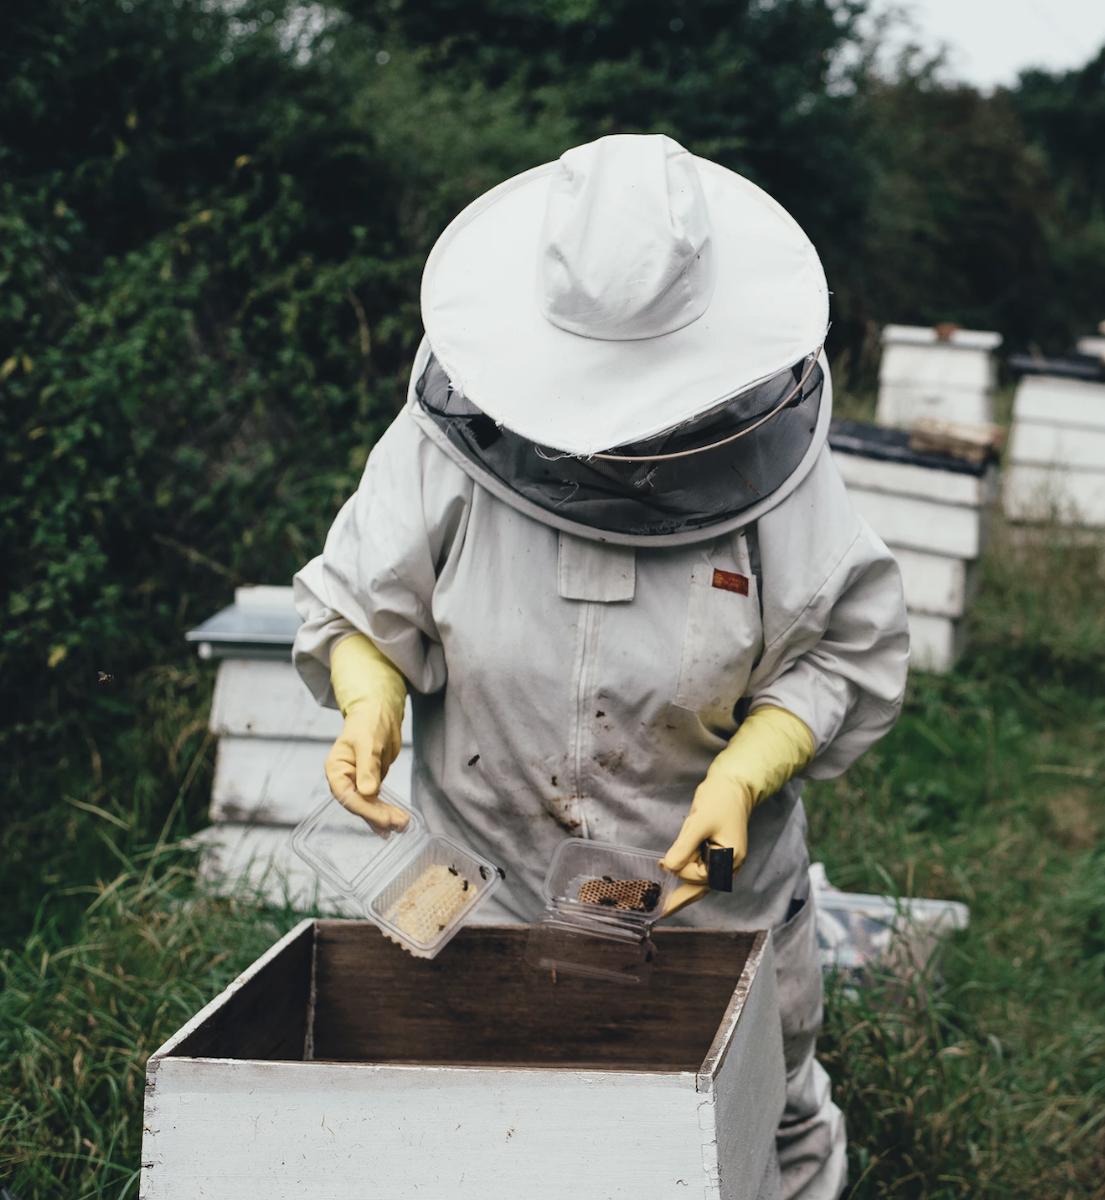 adopter des abeilles chez soi ruche ruchier nature - blog déco - clemaroundthecorner